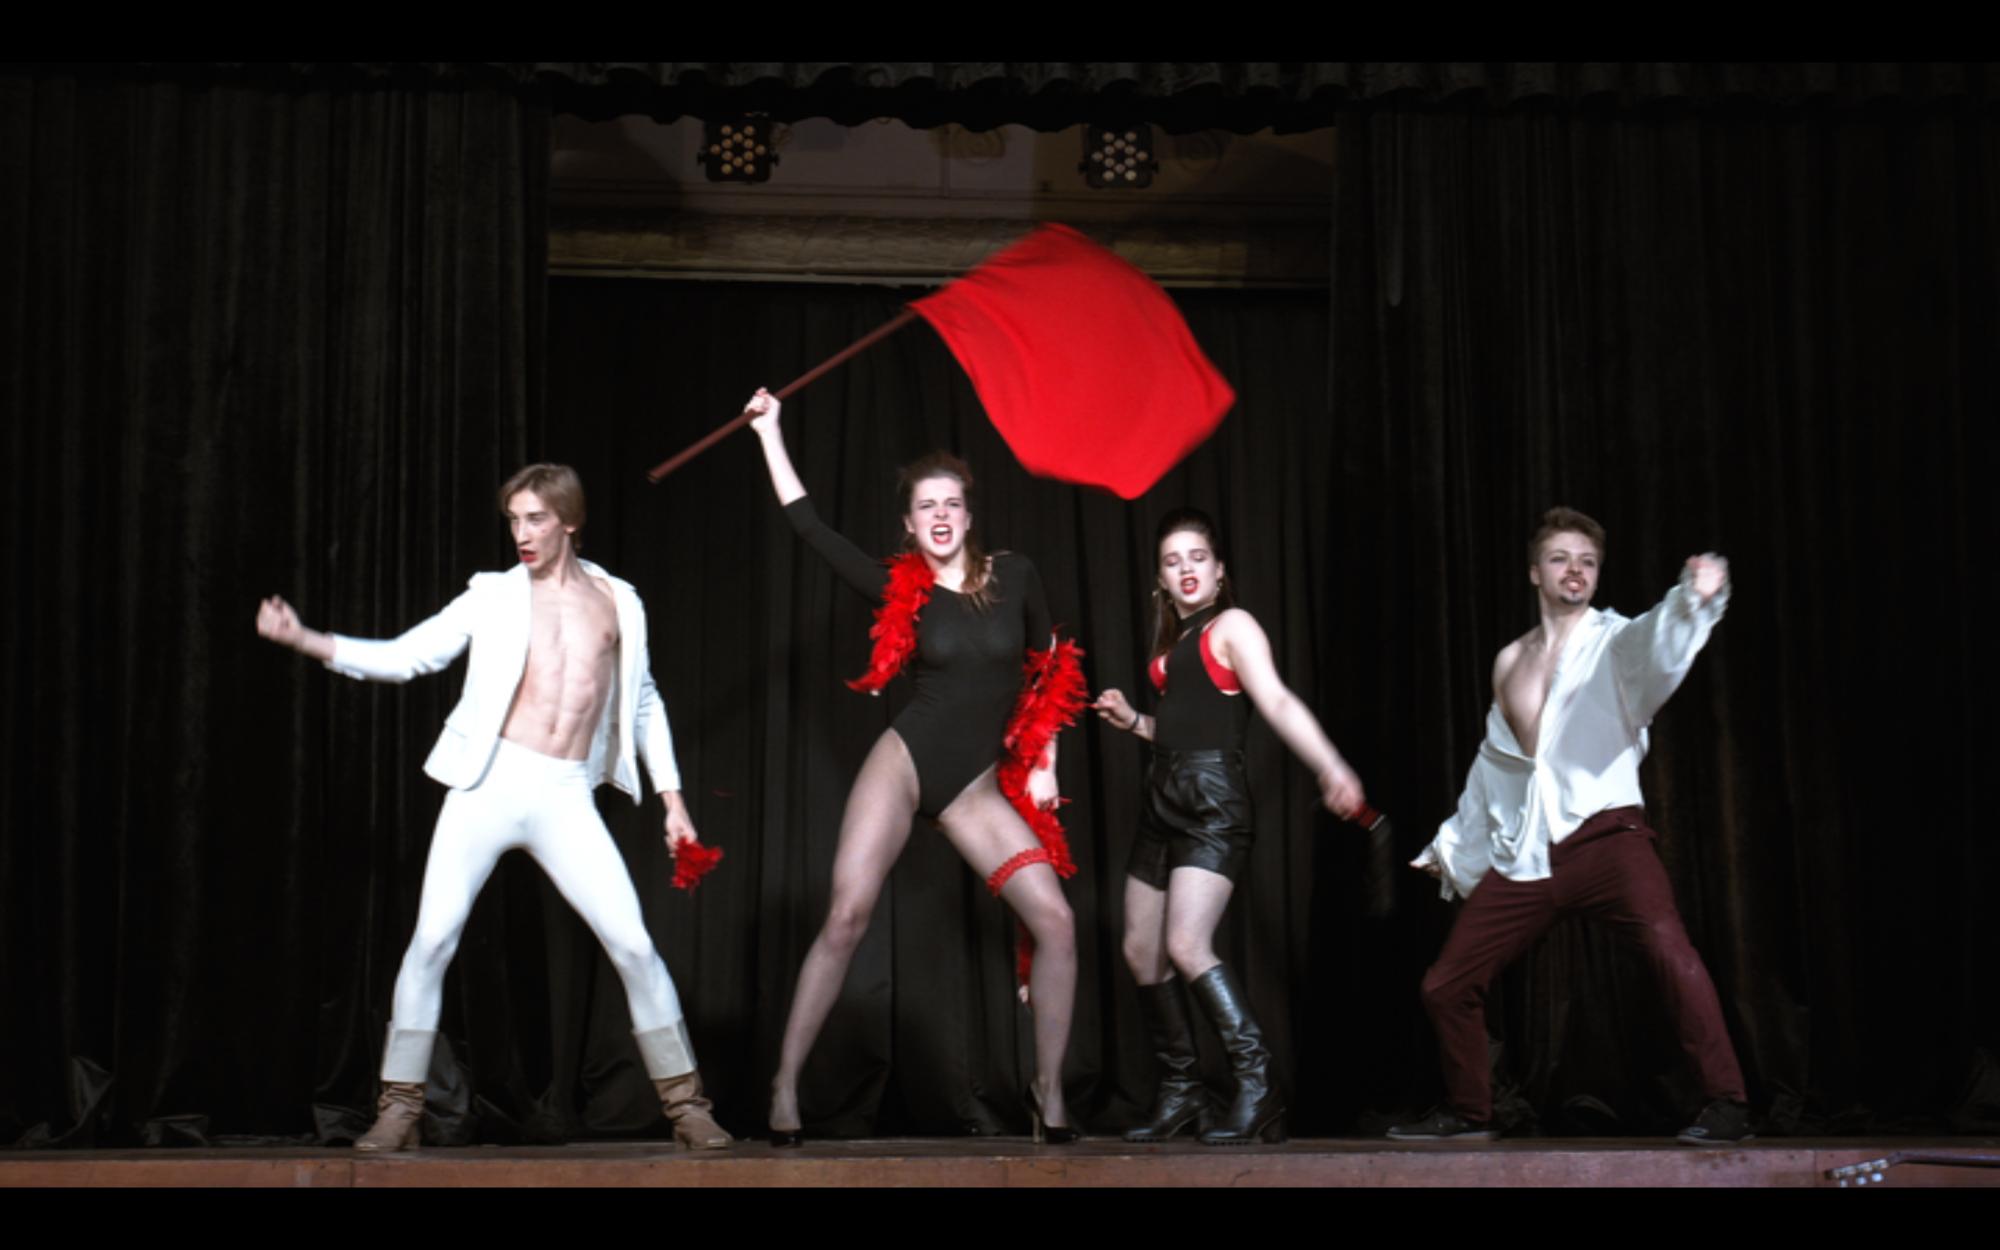 Театральное искусство | Видеоконсультация ктворческому испытанию